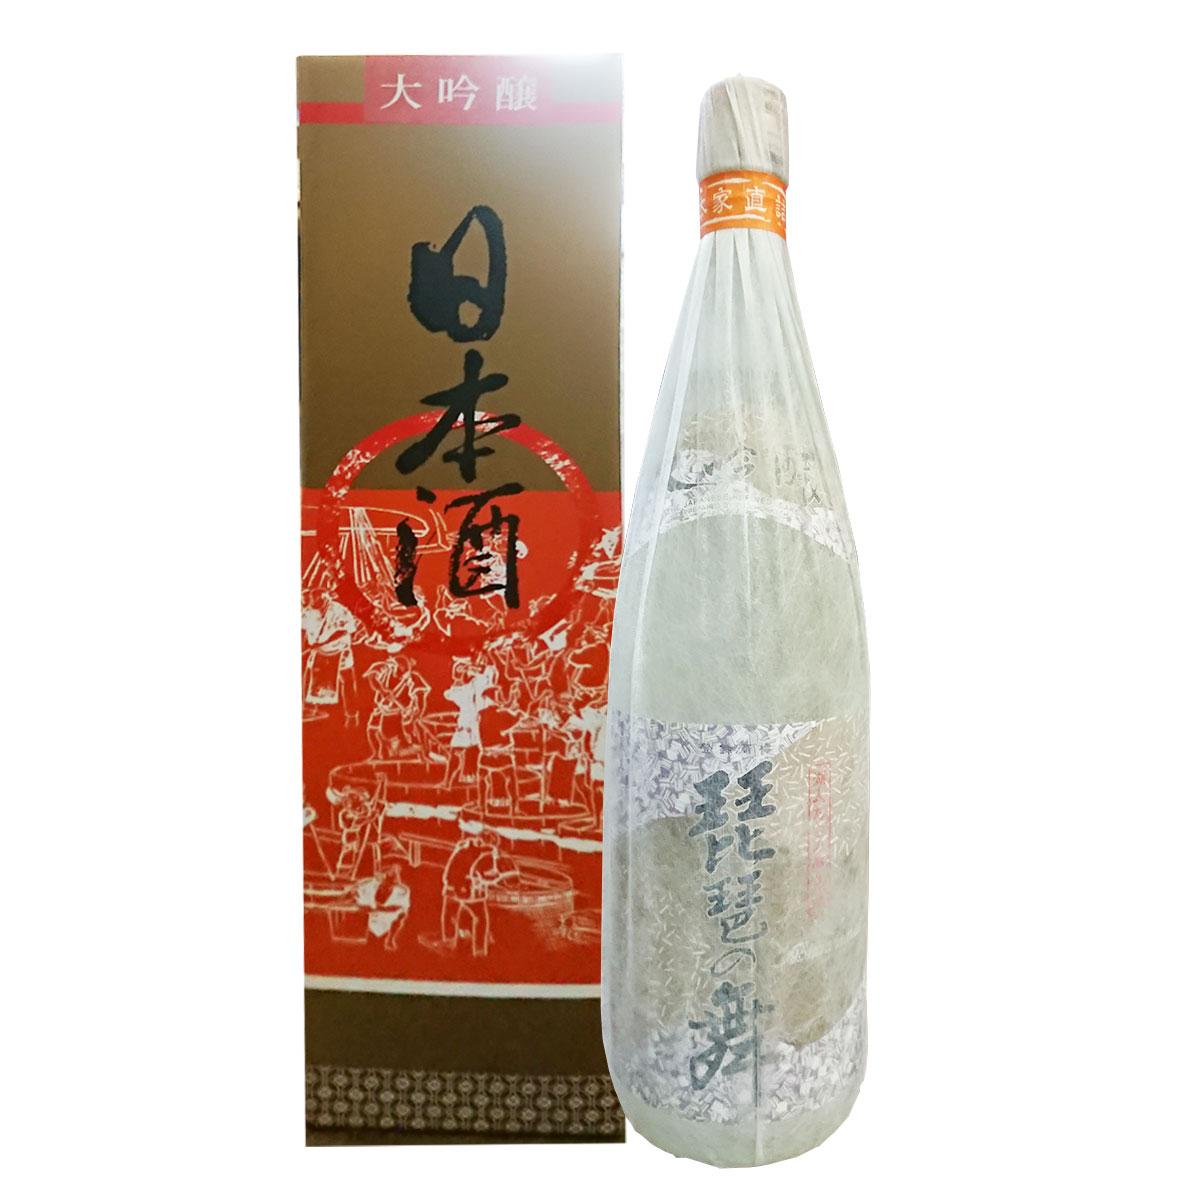 琵琶の舞 大吟醸 藤居本家 滋賀県 近江の酒造りの伝統を180年以上守り続ける天保2年創業の老舗酒蔵の自信作。